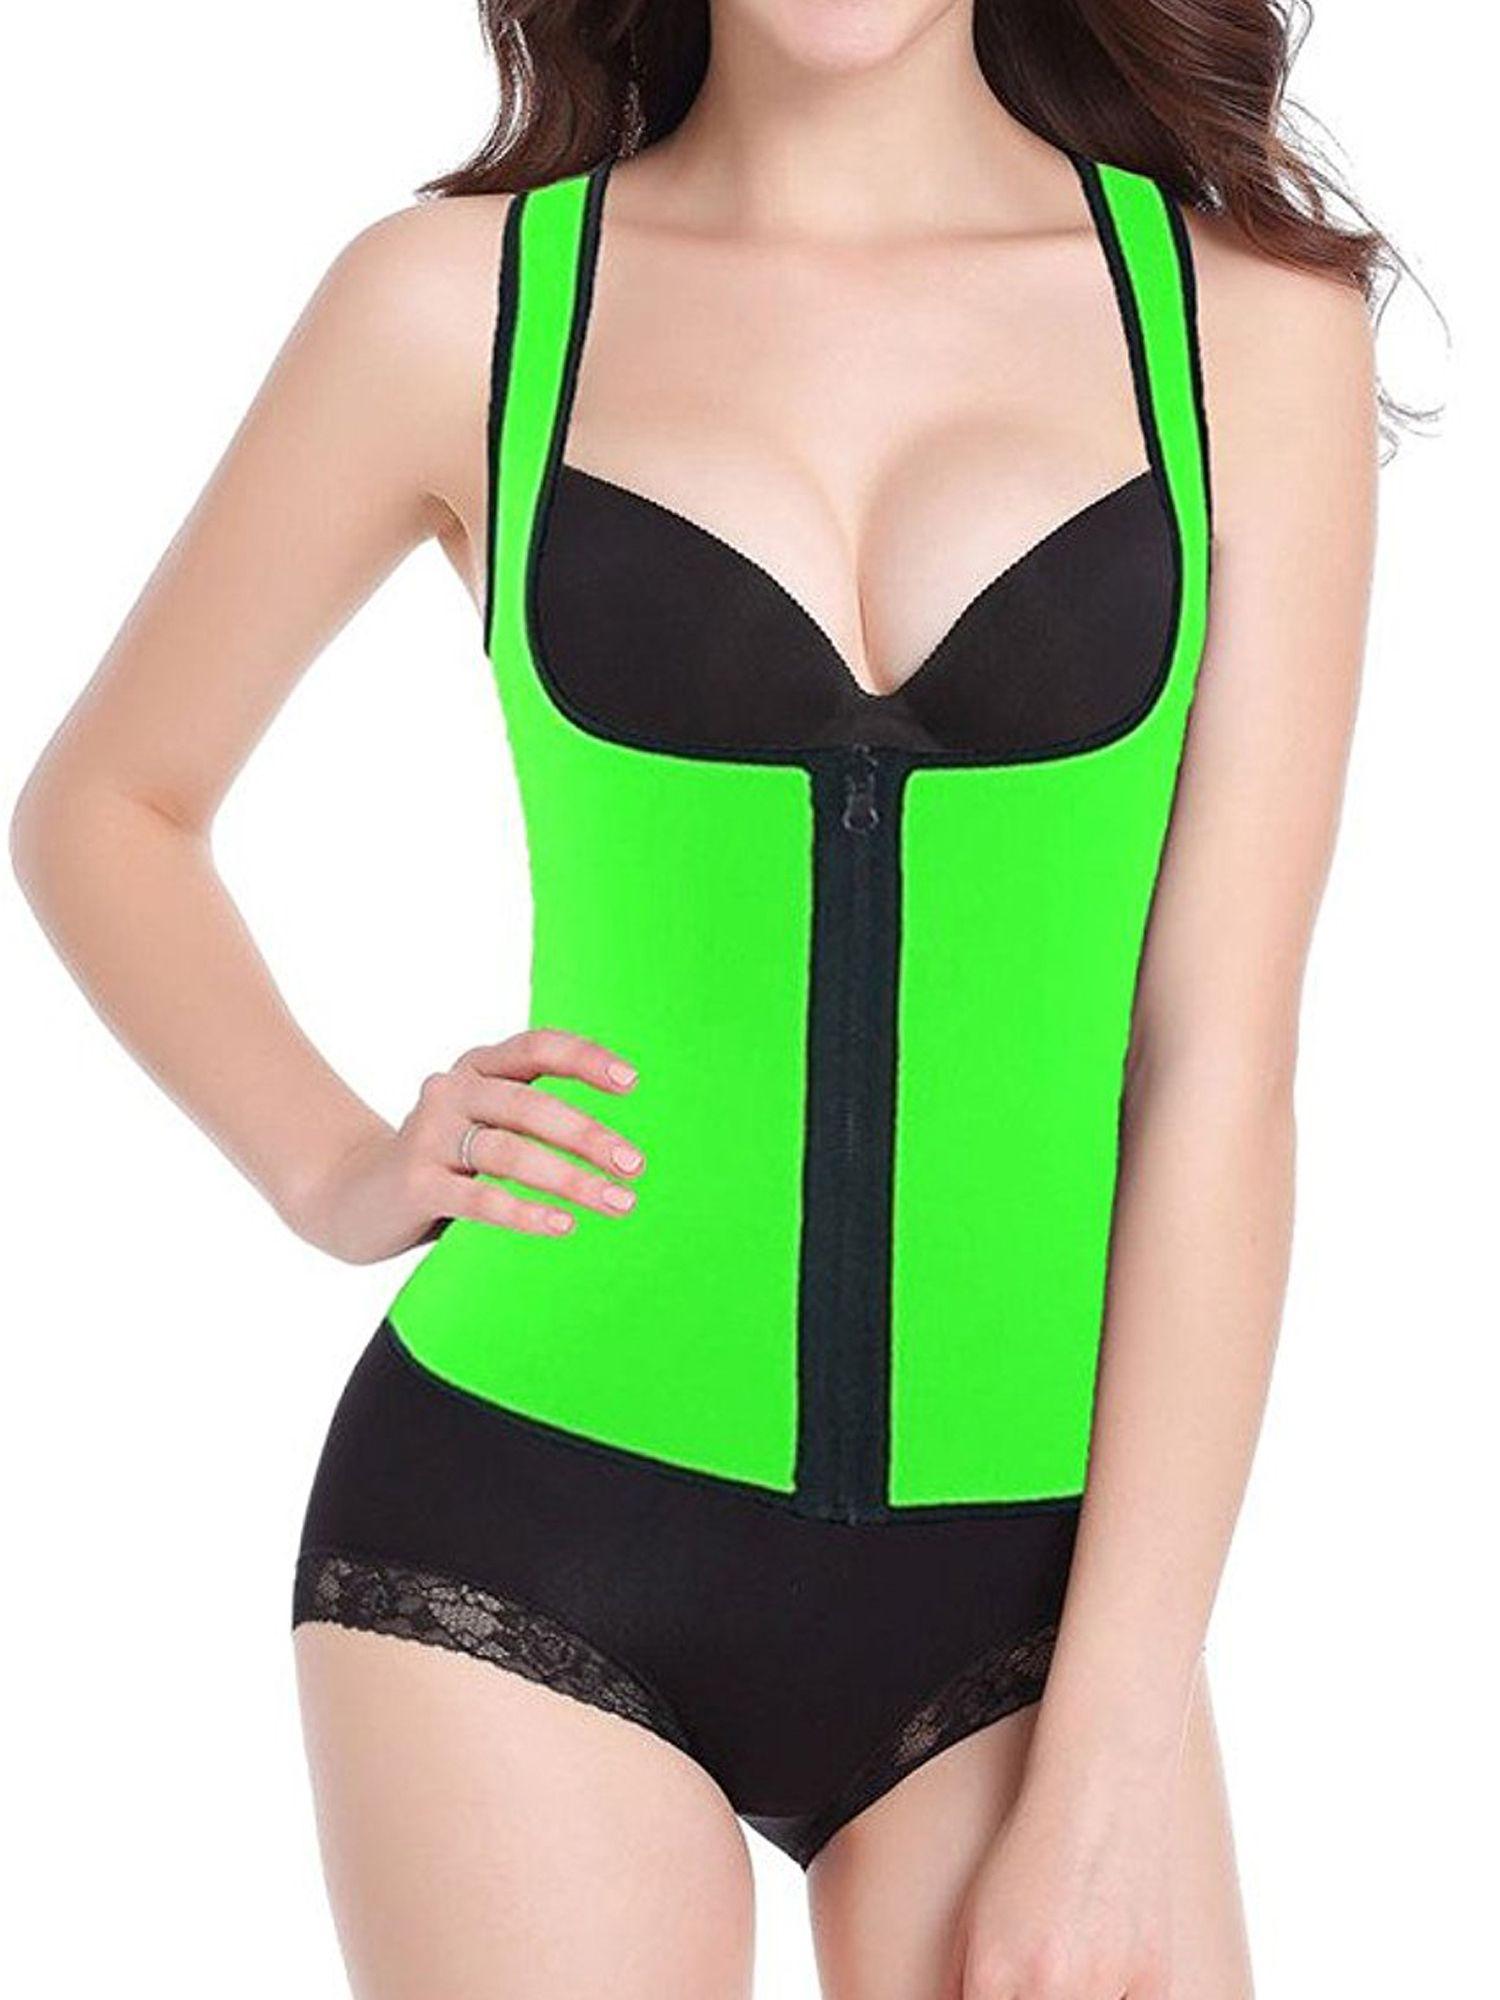 601f06ead7b32 SAYFUT Women s Shapewear Slimming Vest Waist Trainer Body Shaper Corset Hot  Sweat Neoprene Weight Loss Tank